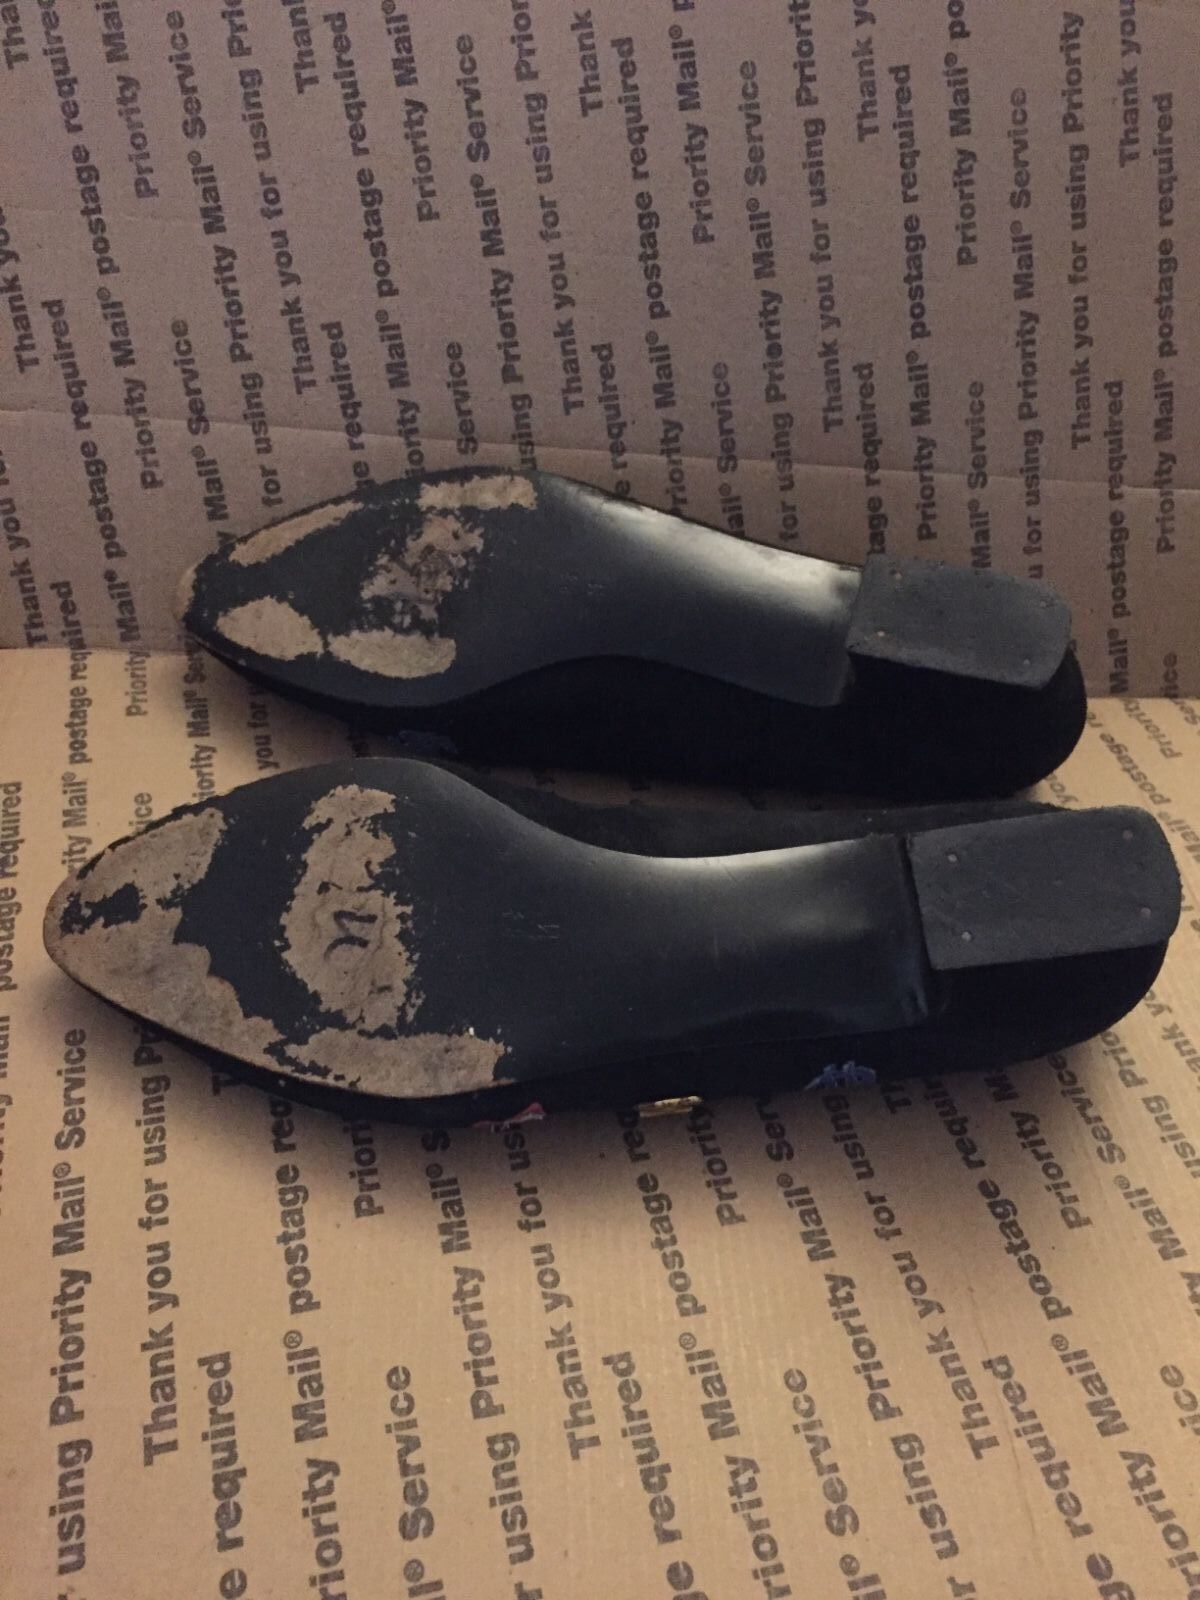 Vintage Margaret J loafer suede schwarz embellished patch novelty smoking loafer J  8.5M 210d50